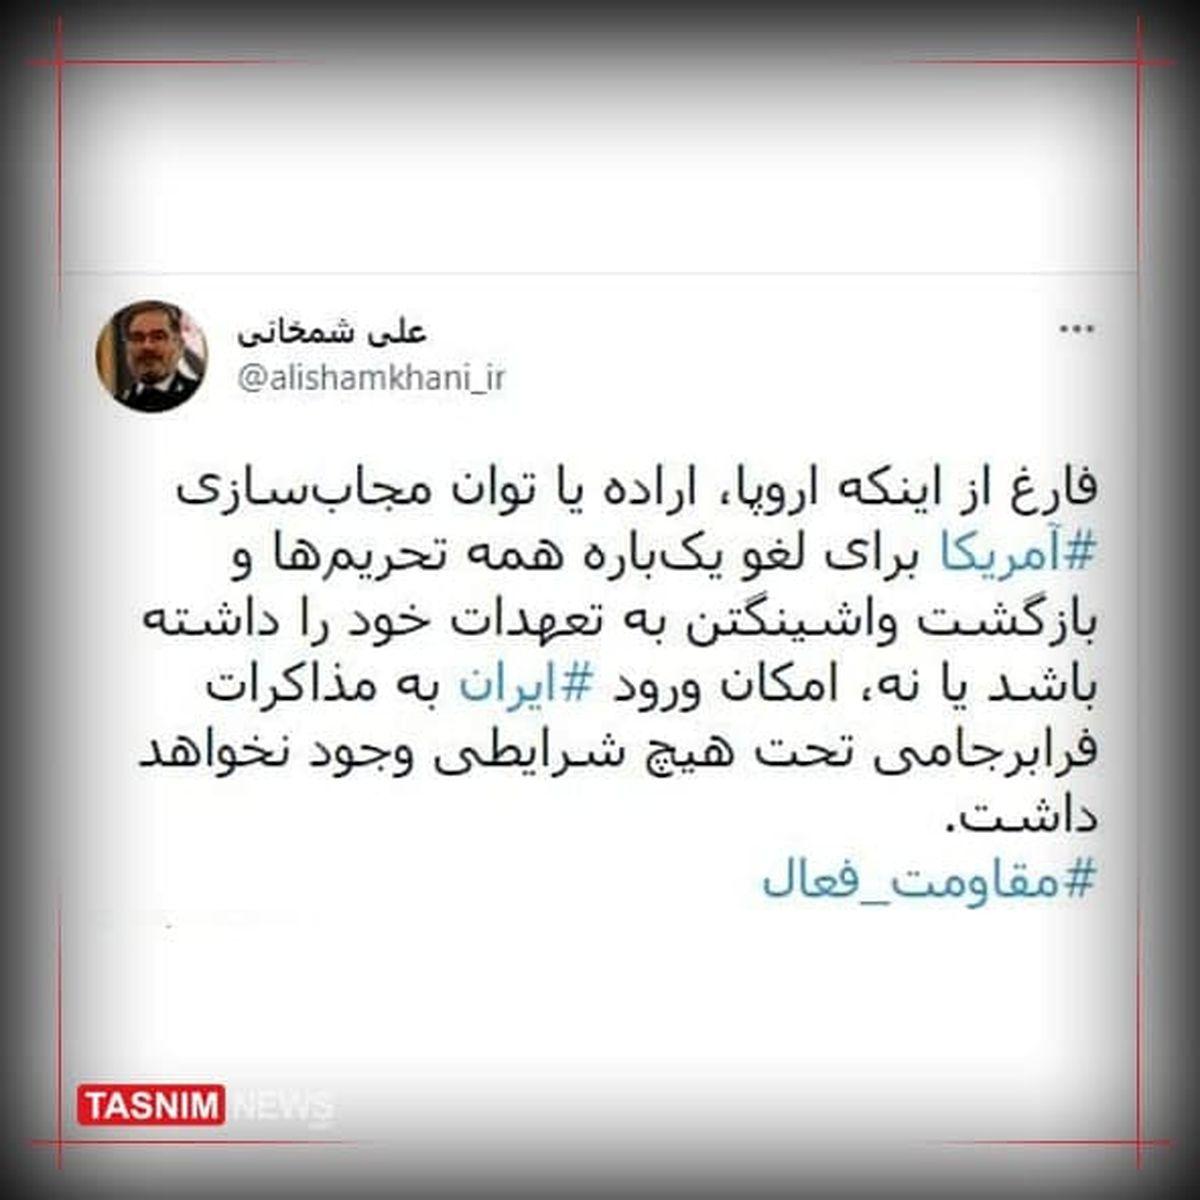 علی شمخانی: ایران وارد مذاکرات فرابرجامی نمیشود